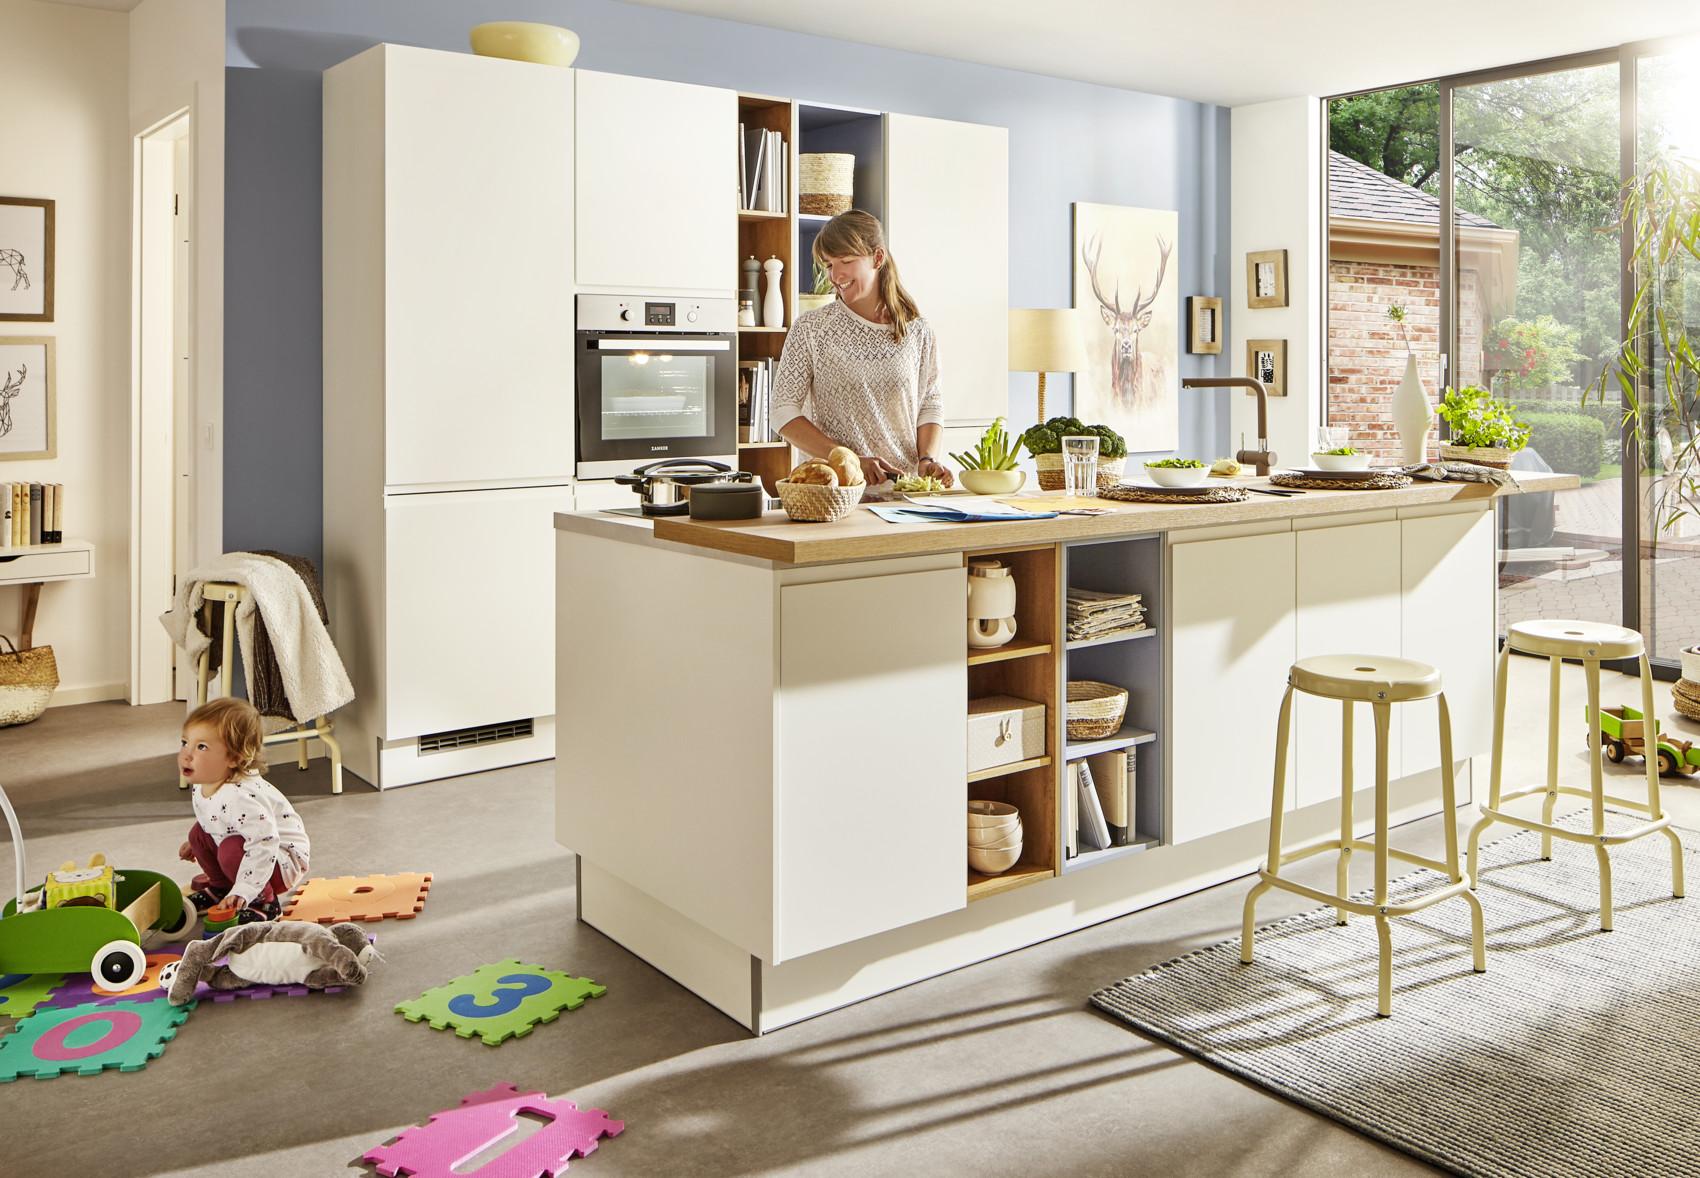 Full Size of Küche Home Kchen Amerikanische Kaufen Arbeitstisch Ikea Kosten Einlegeböden Led Deckenleuchte Modulare Einbauküche Günstig Rolladenschrank Werkbank Küche Küche Pino